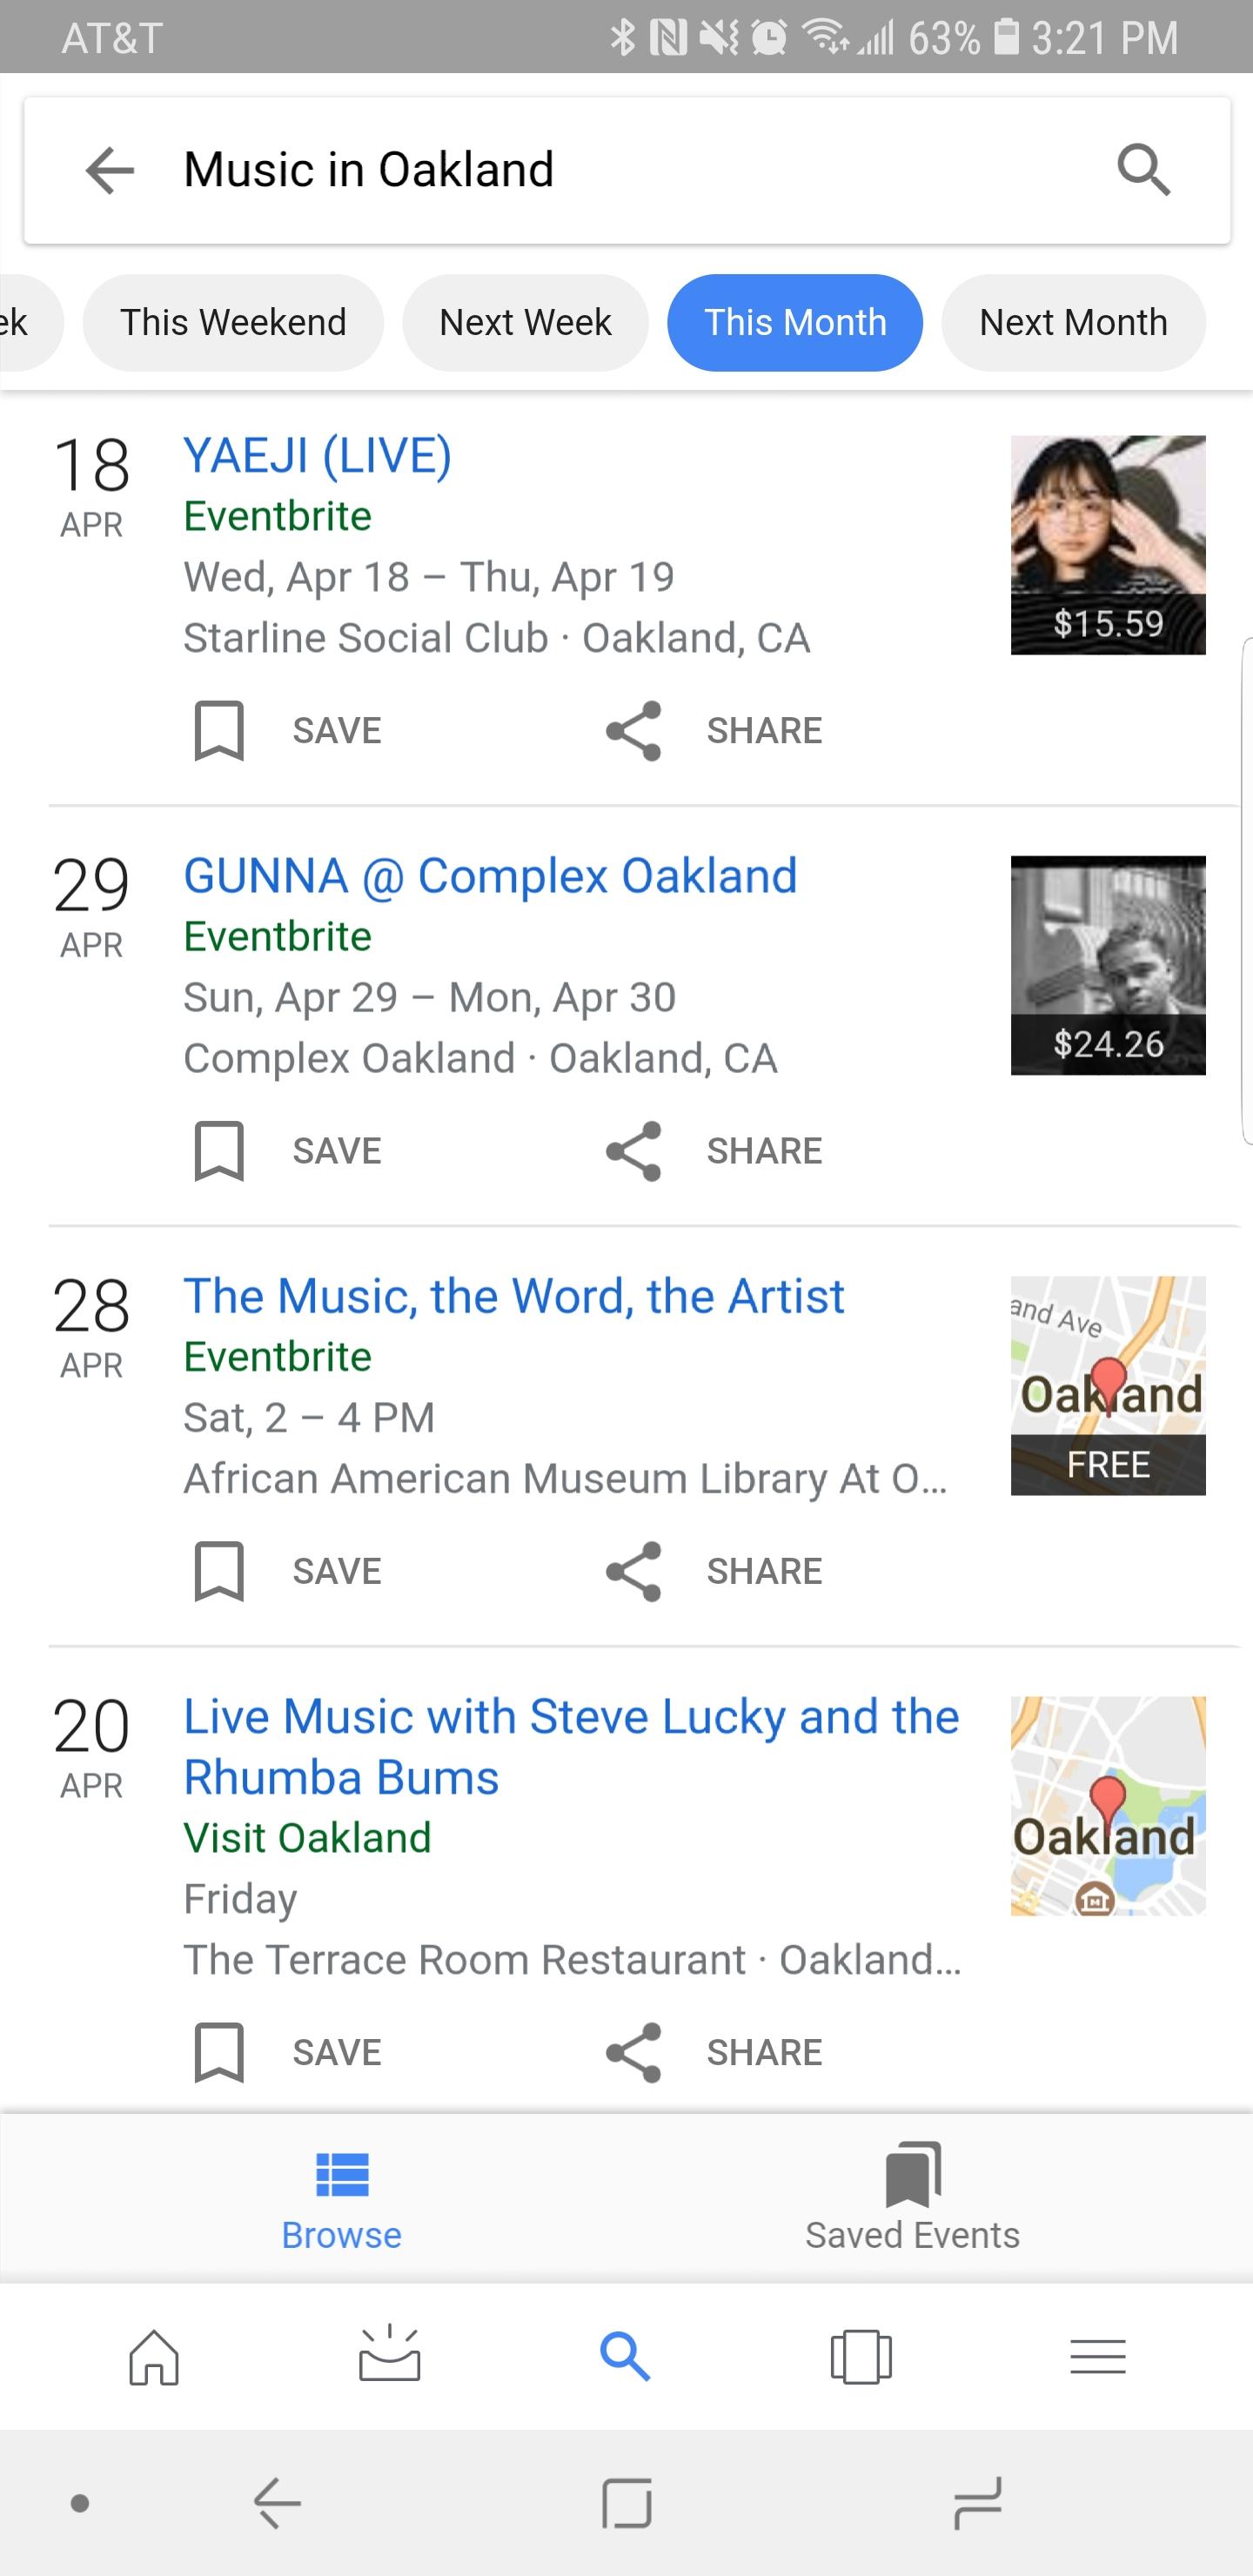 イベント検索結果の例